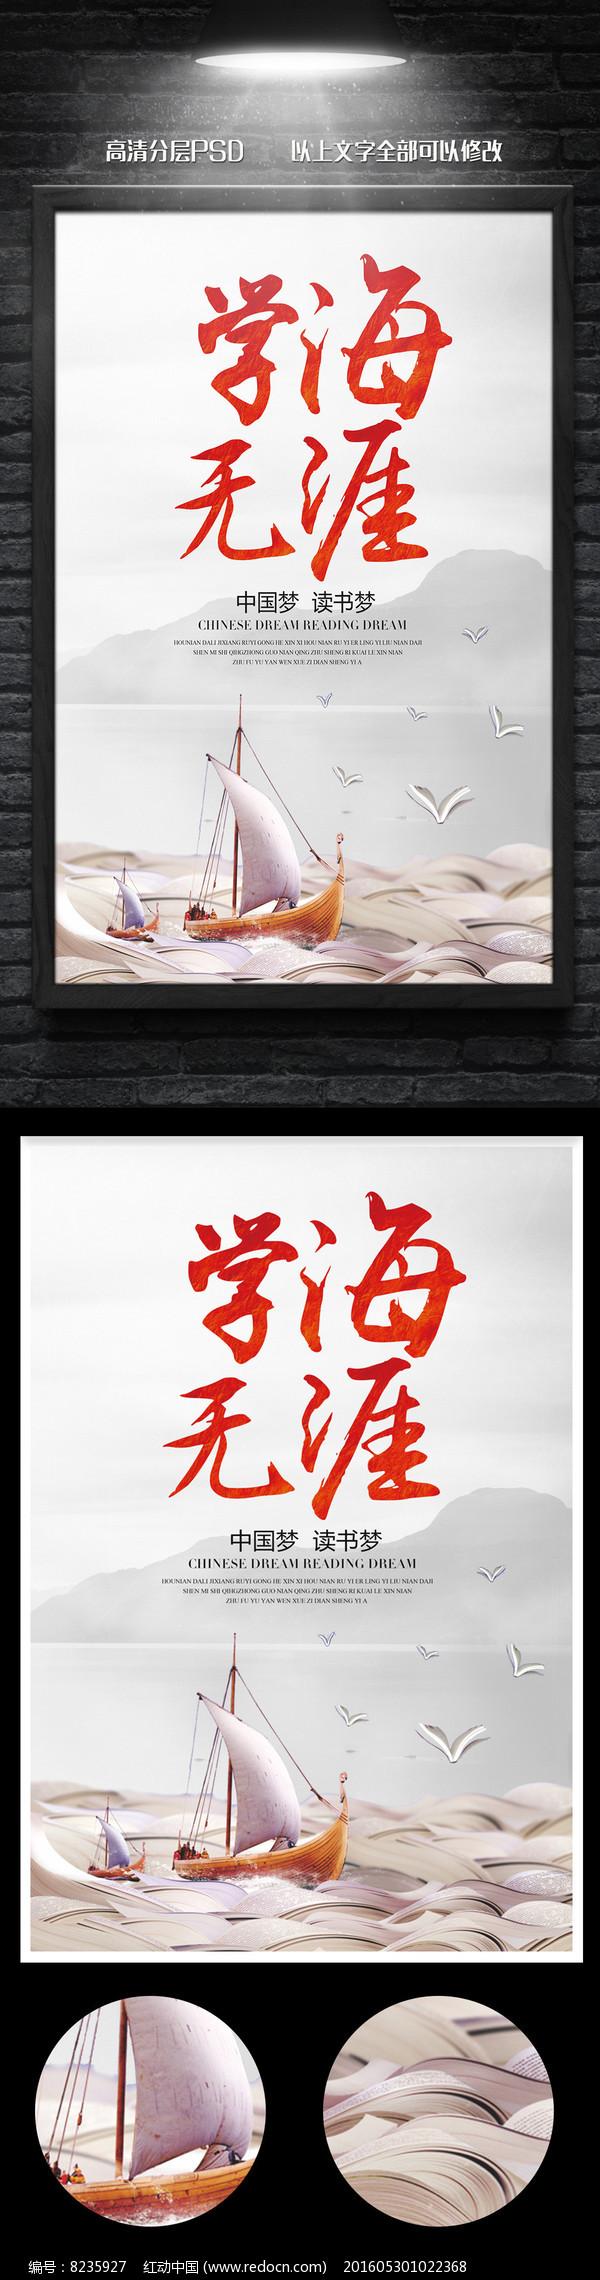 创意手绘学海无涯读书阅读海报设计图片